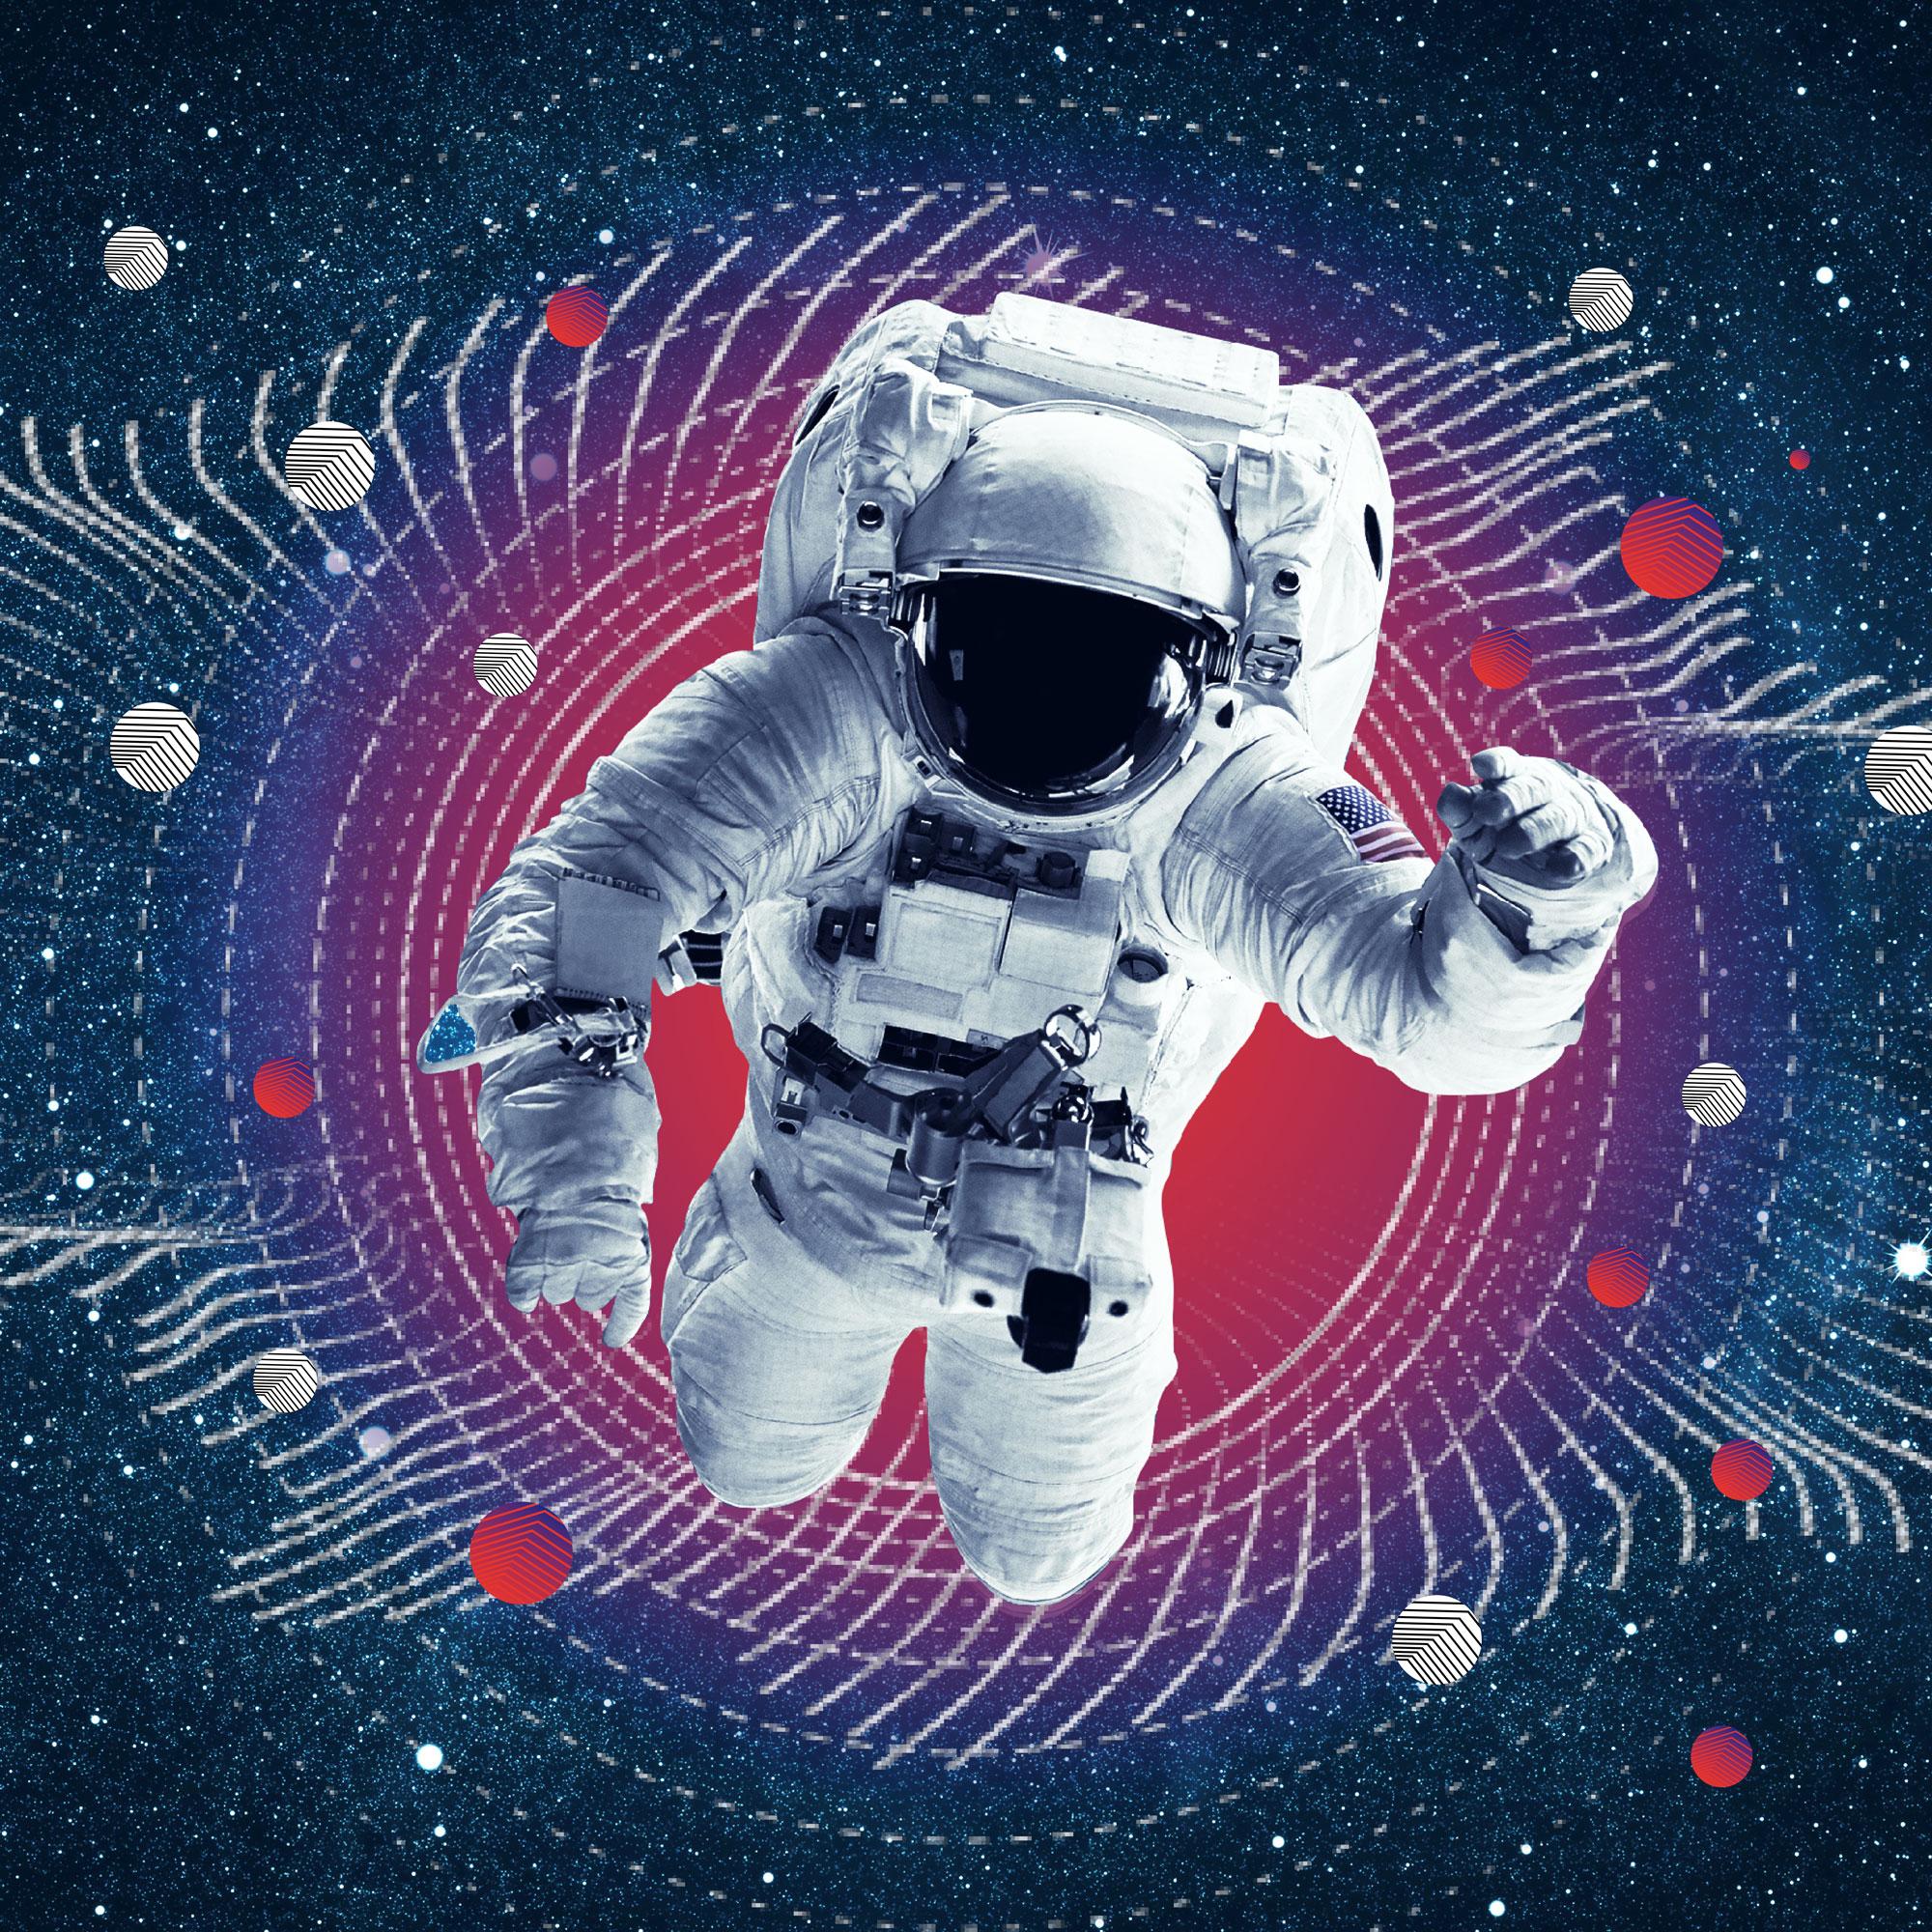 Bild eines Astronauten im GAINER-Stil